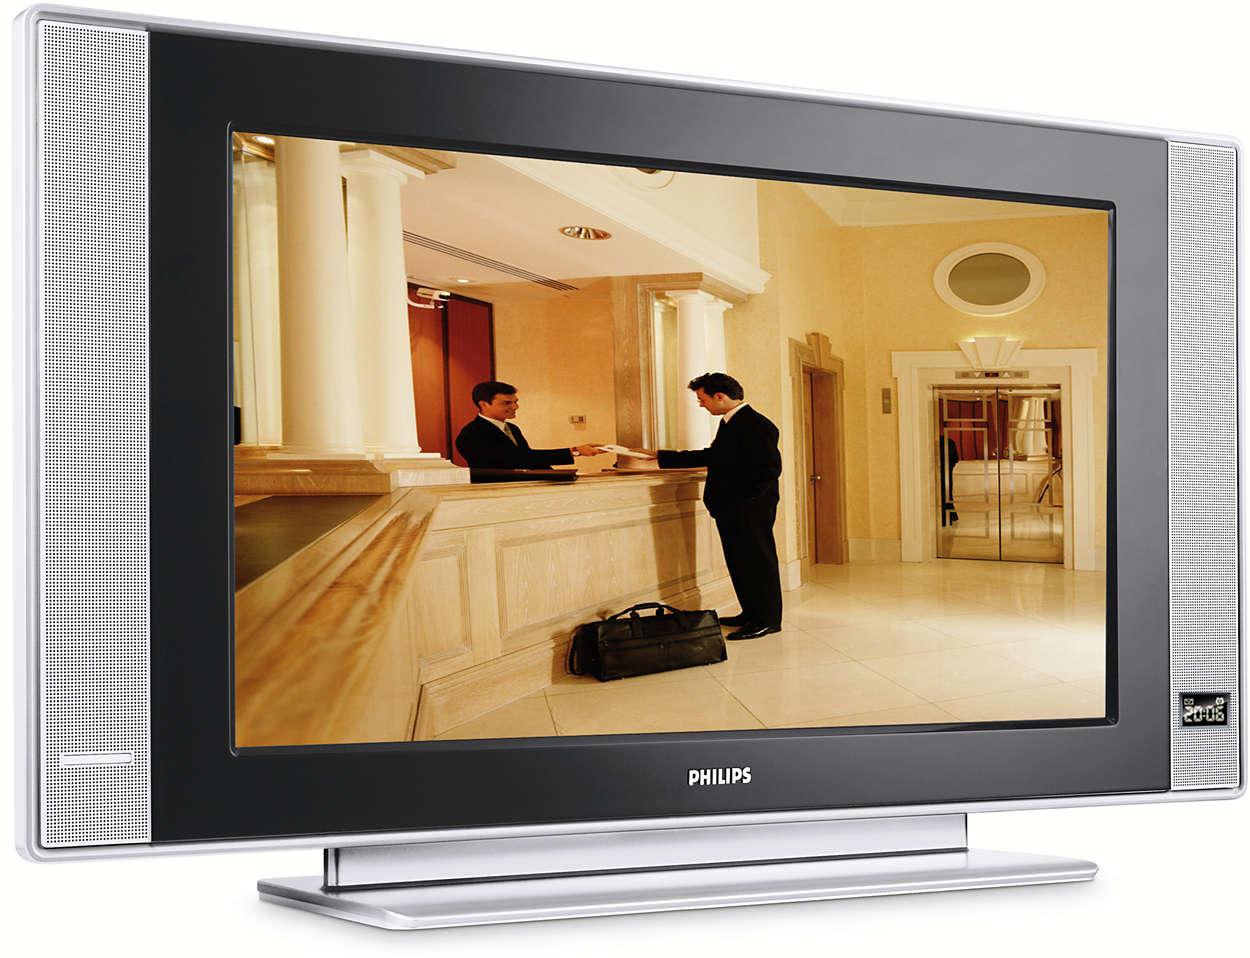 Univerzálny plochý televízor pre oblasť hotelierstva